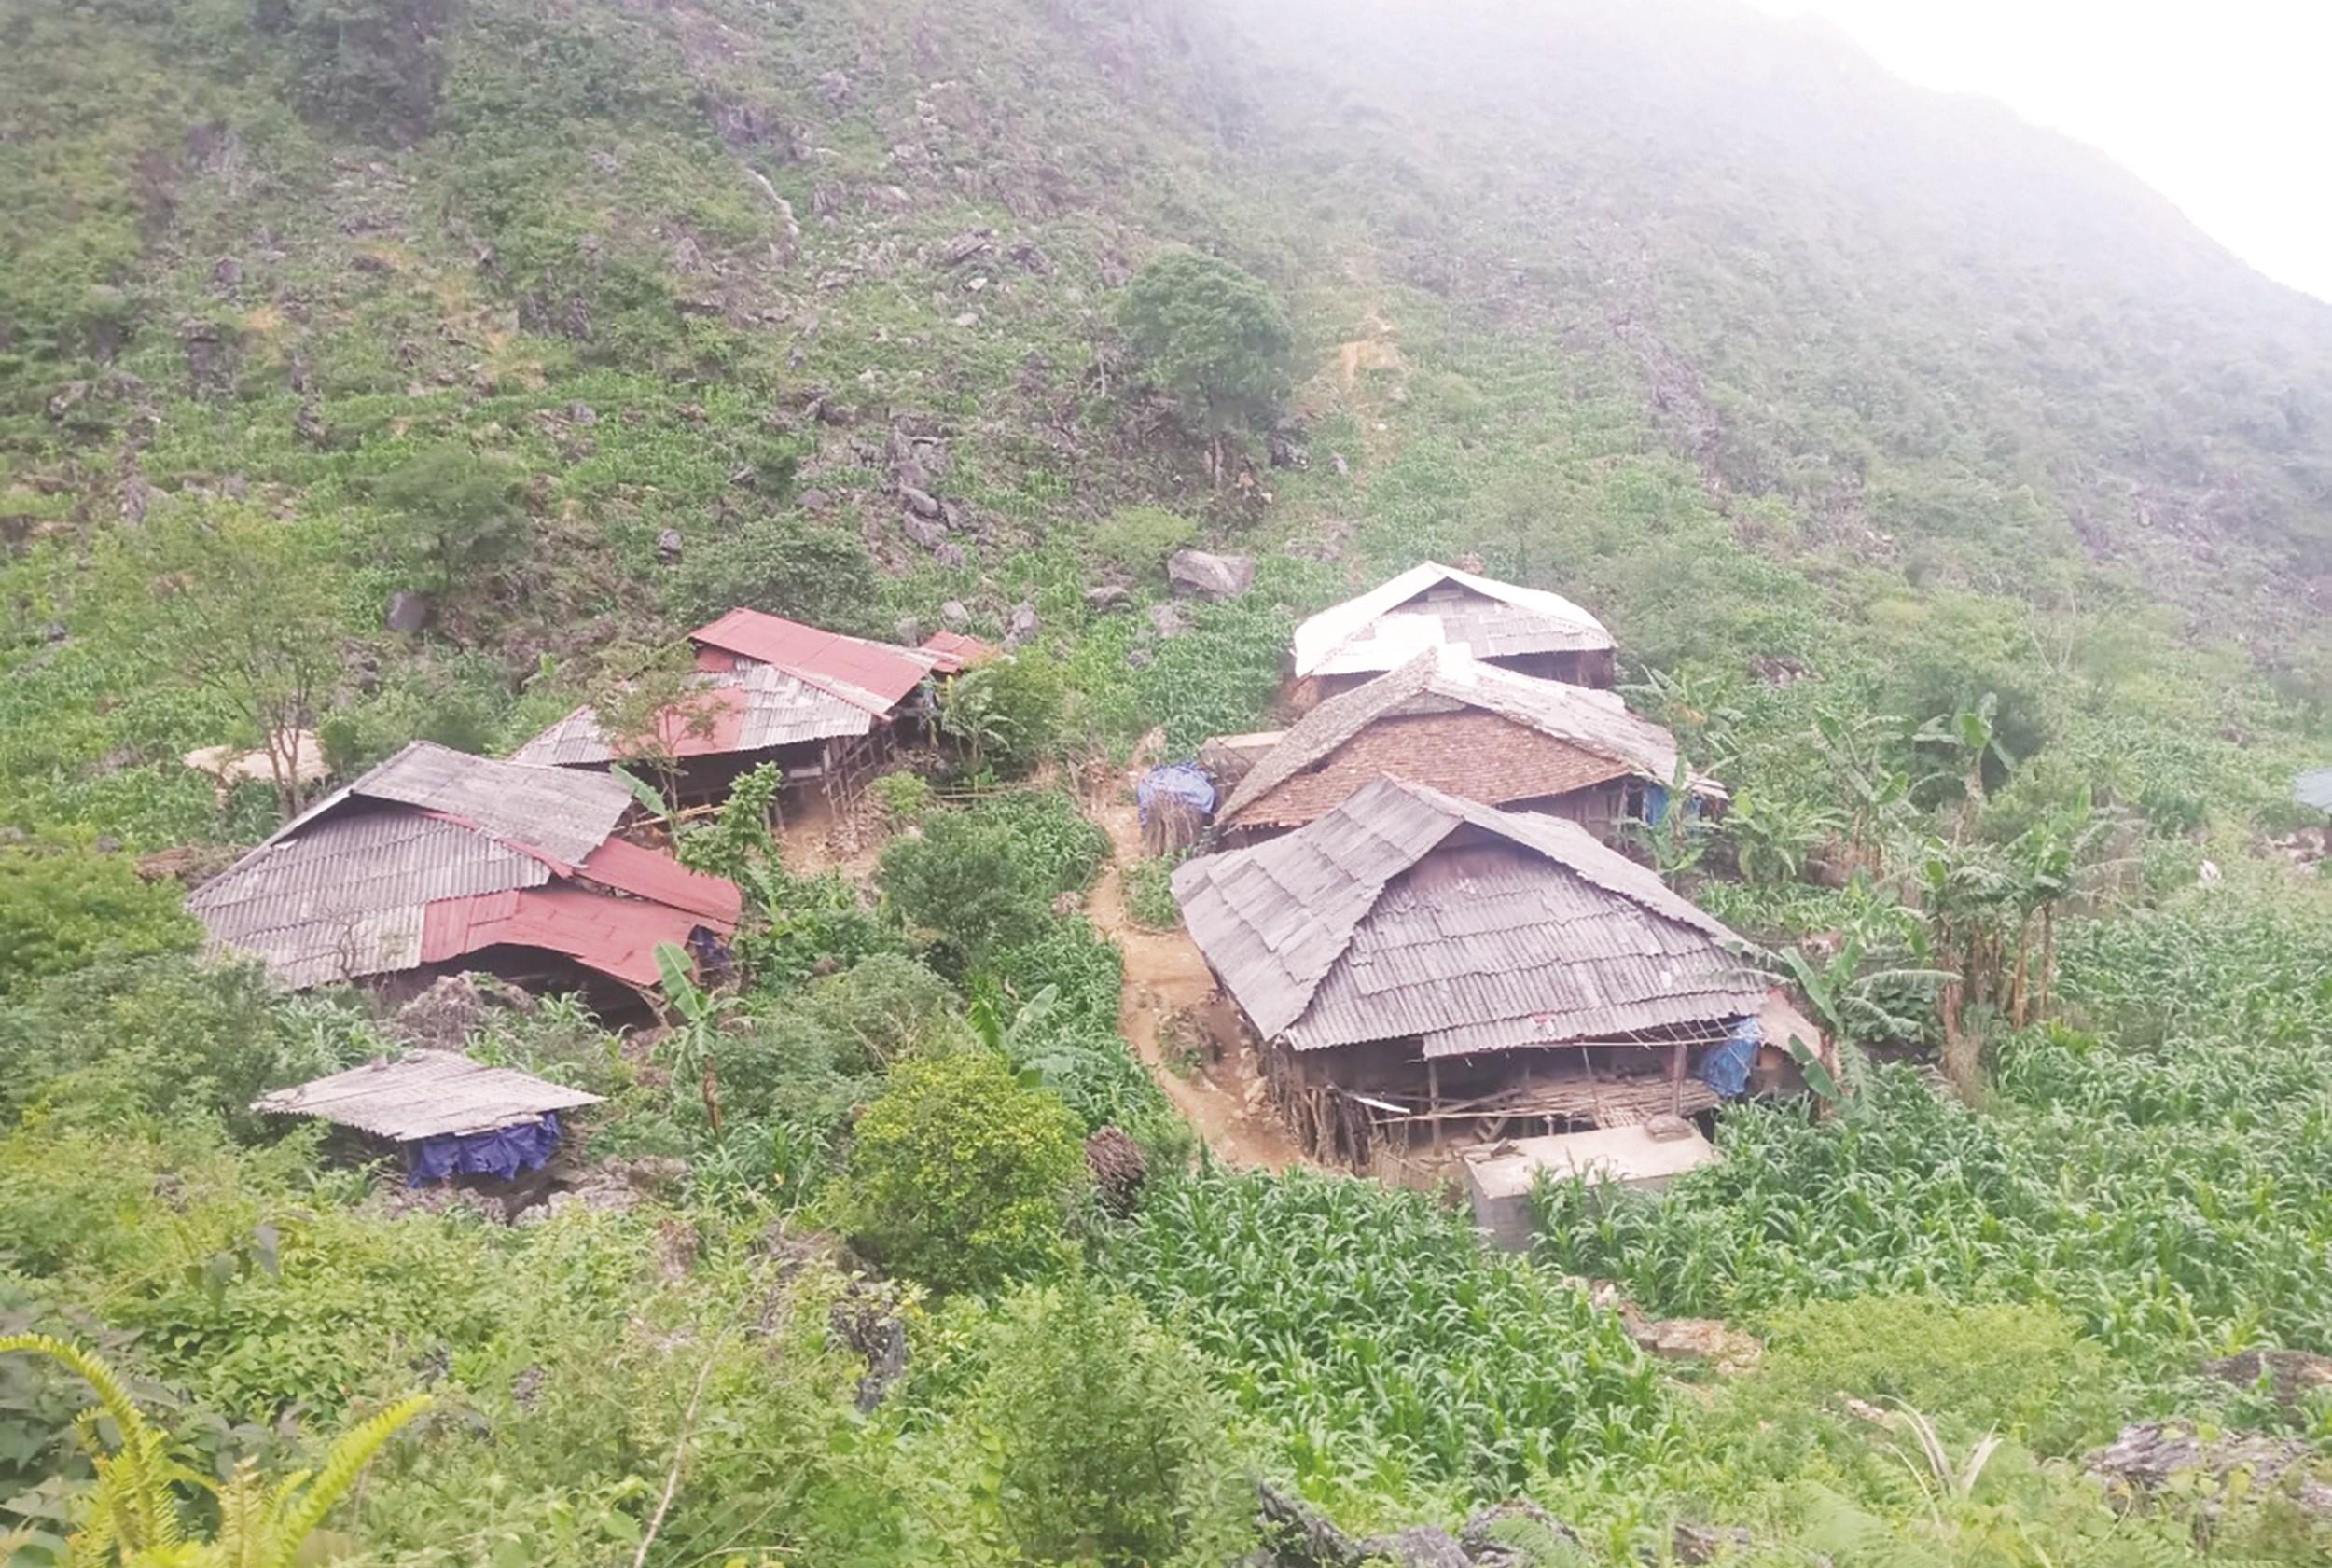 Nhiều bản làng vùng cao vẫn còn khó khăn do chưa có điện để sinh hoạt và phát triển sản xuất.